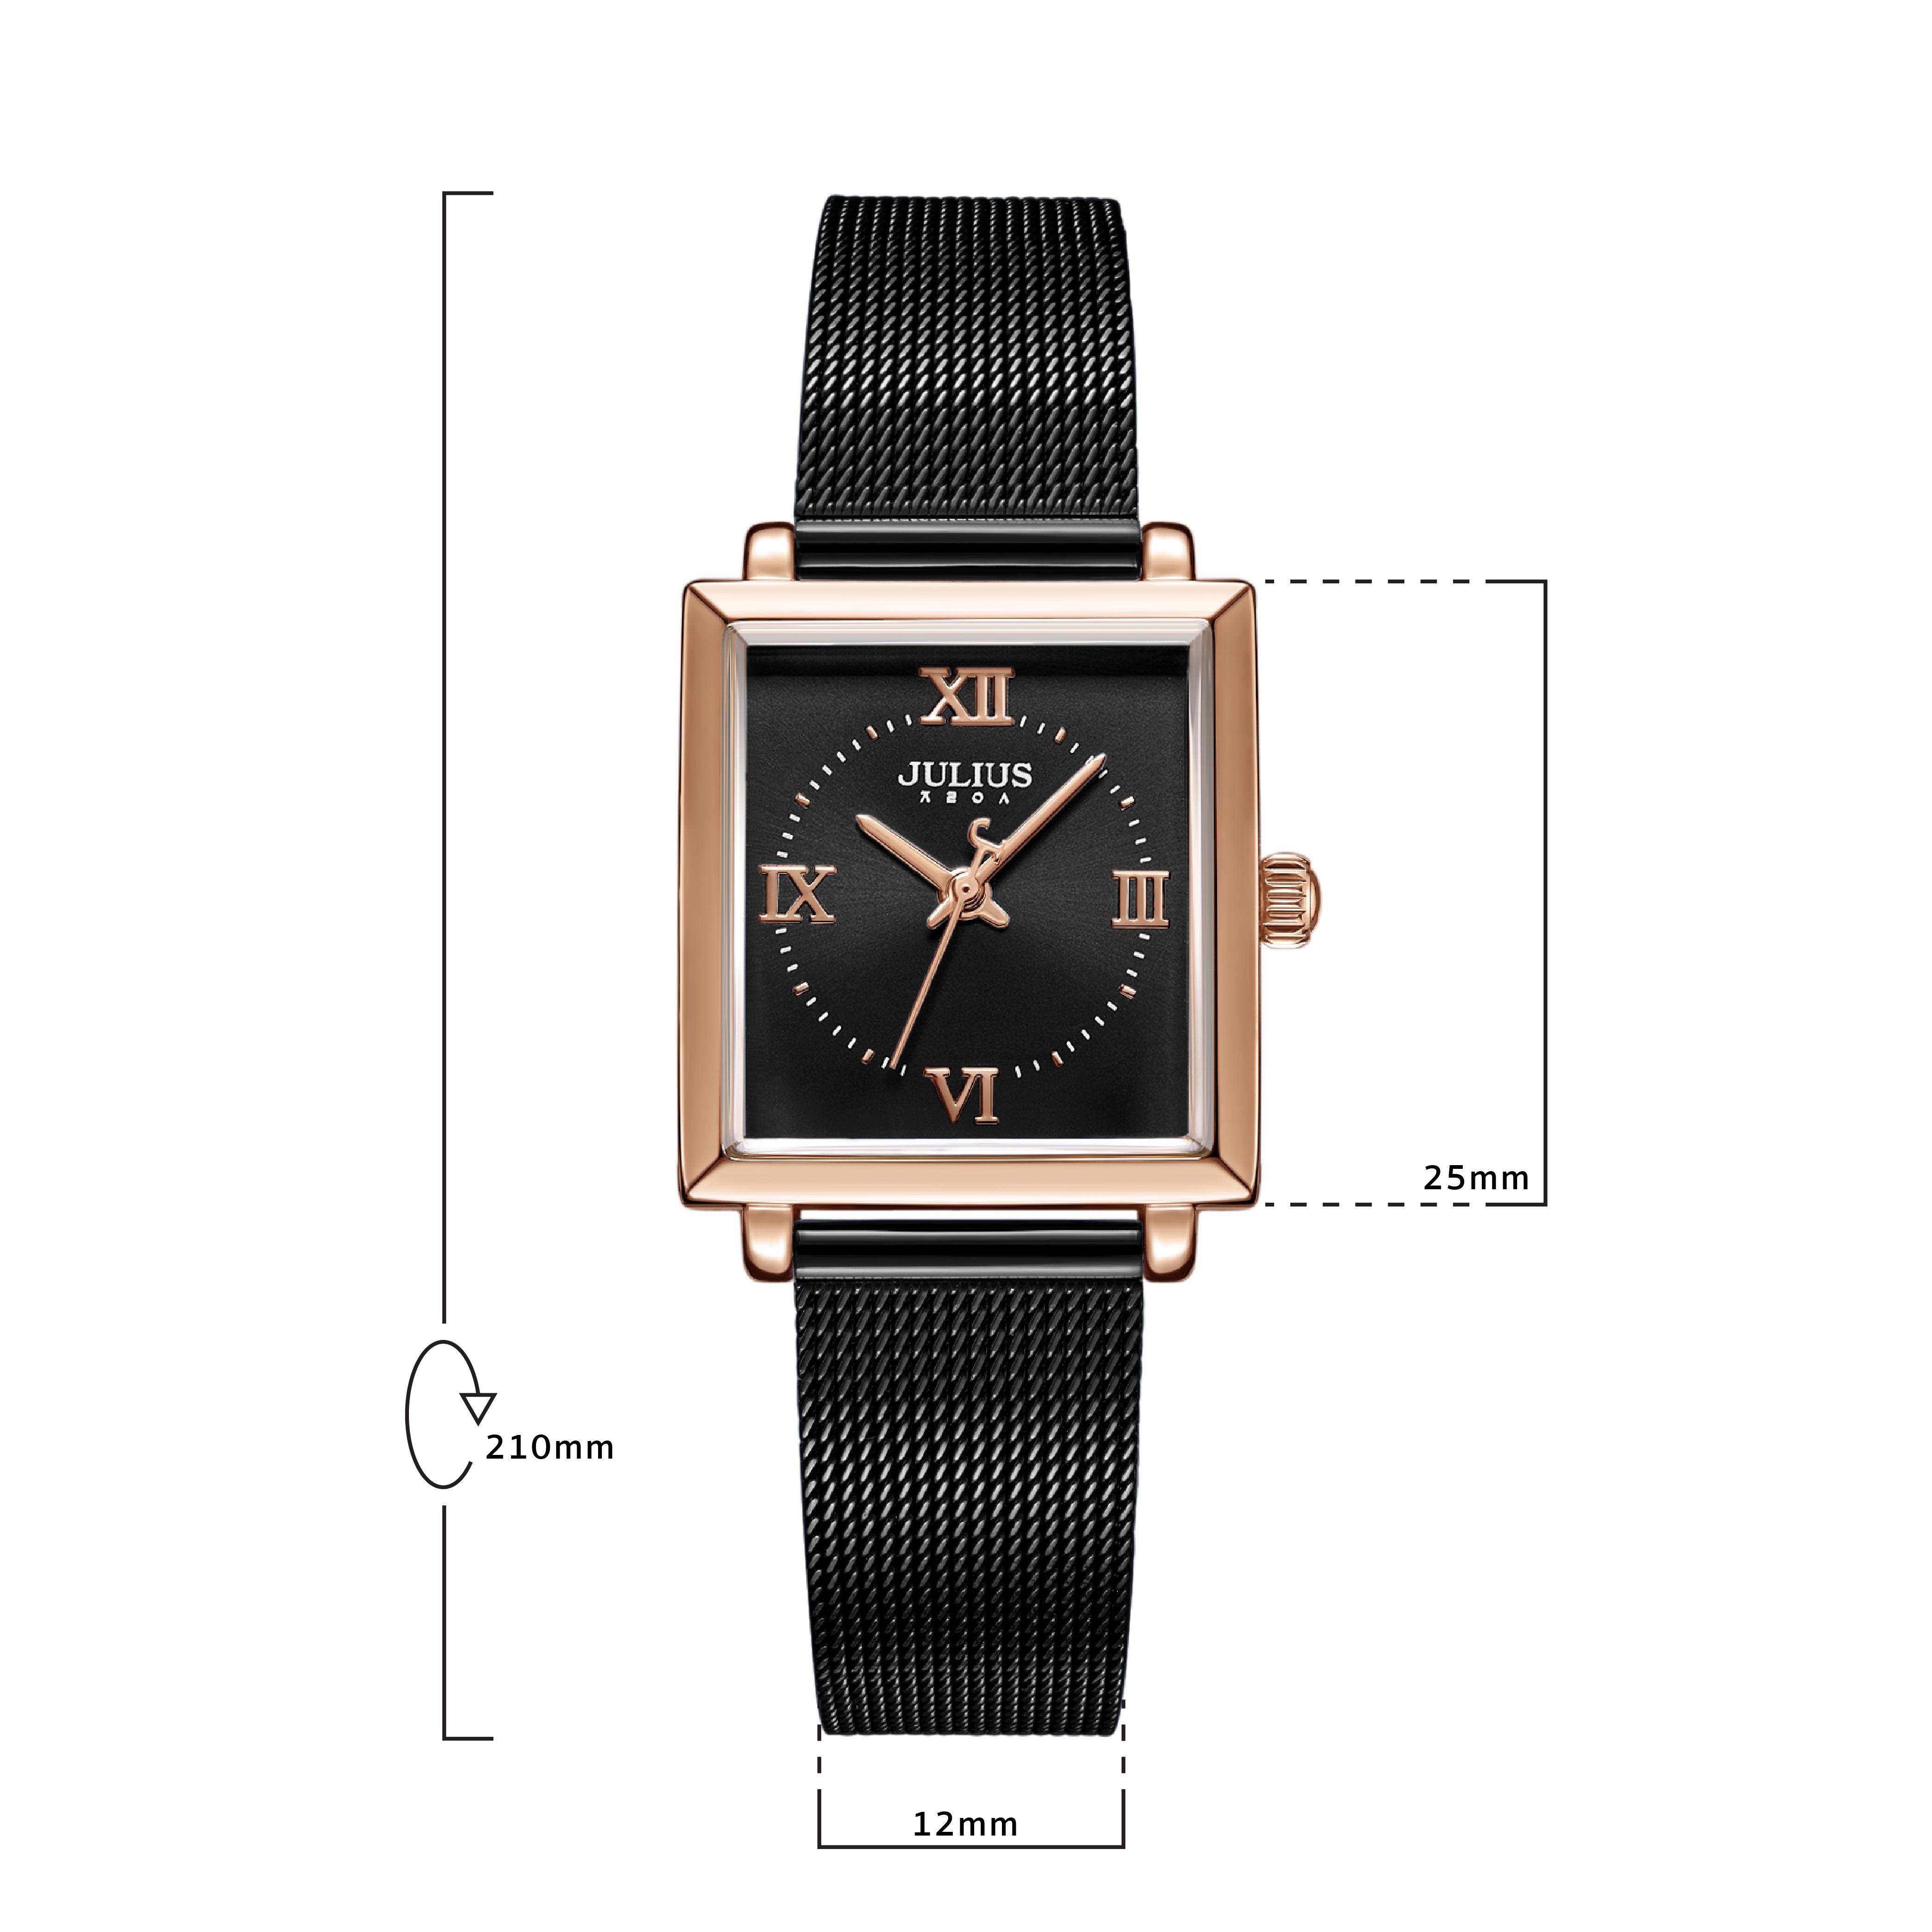 นาฬิกาข้อมือผู้หญิง JULIUS 1202D